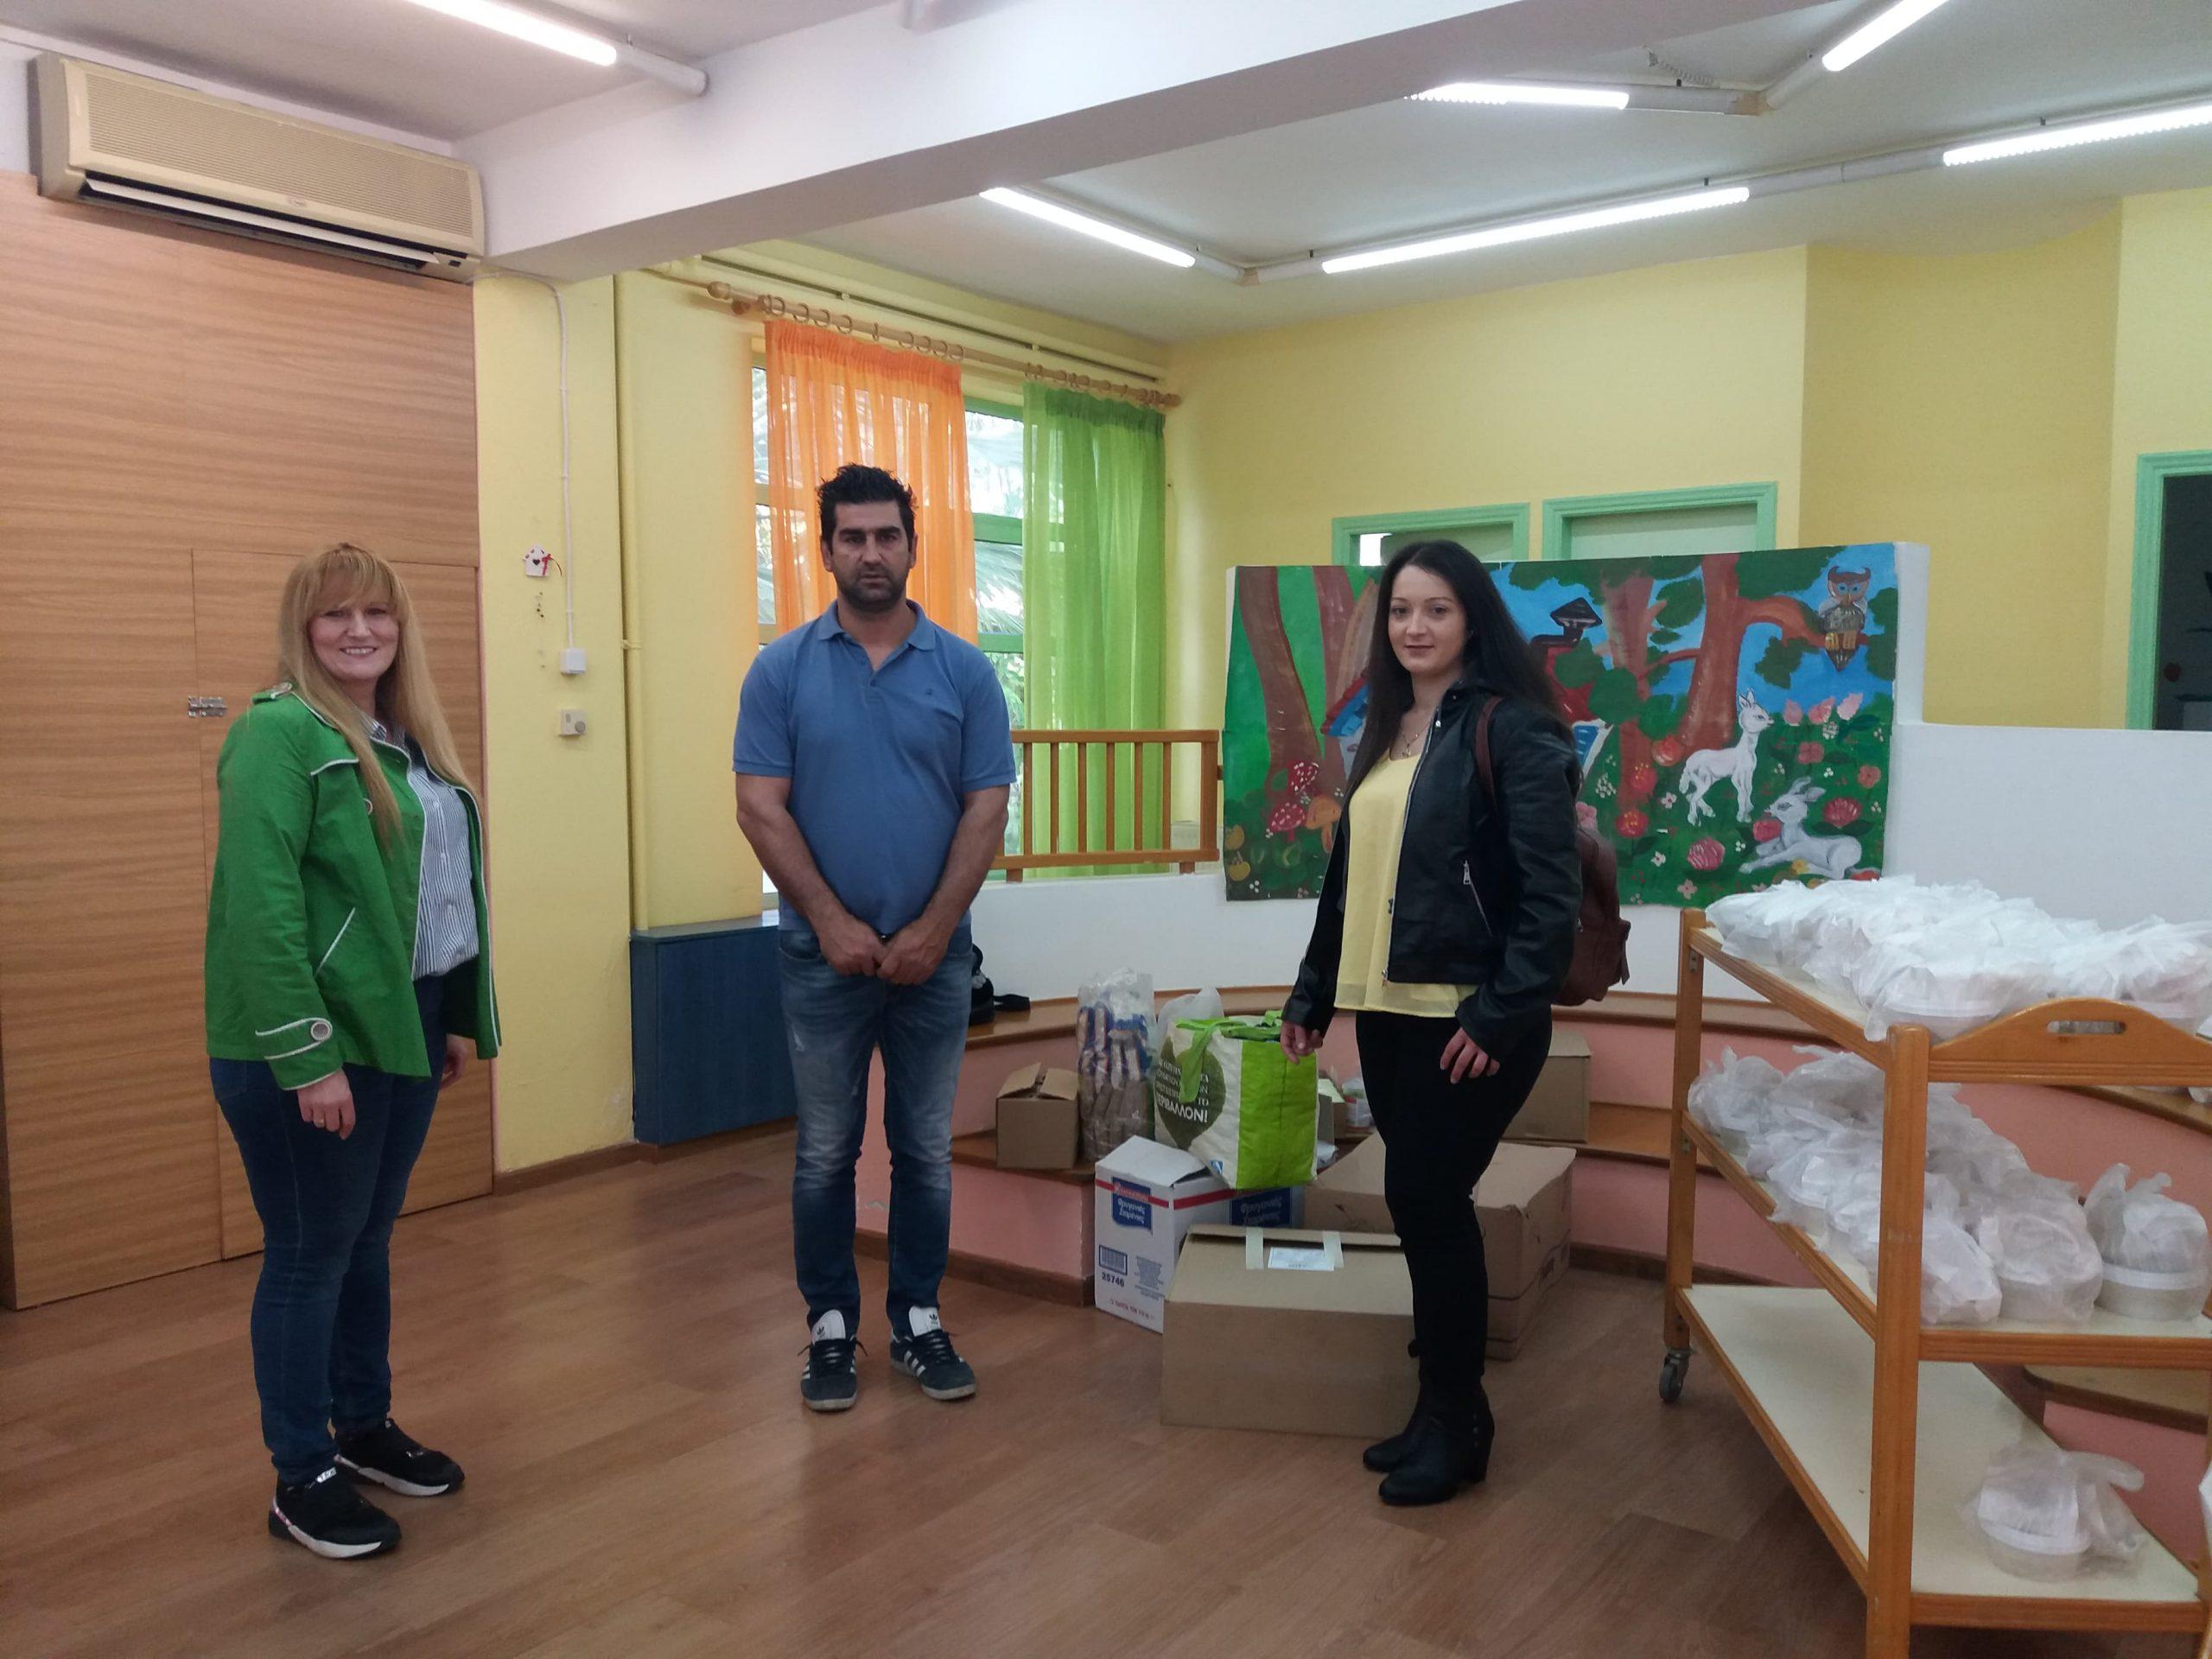 Προσφορά αλληλεγγύης από τον Σύλλογο Γονέων Κηδεμόνων των Παιδικών και Βρεφονηπιακών Σταθμών Δήμου Αγρινίου